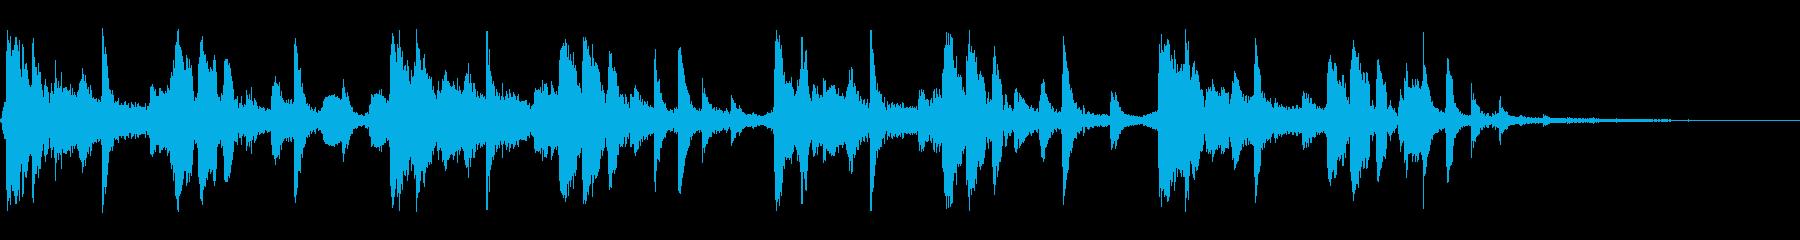 シングル 幻想的でソウルフルなビートの再生済みの波形